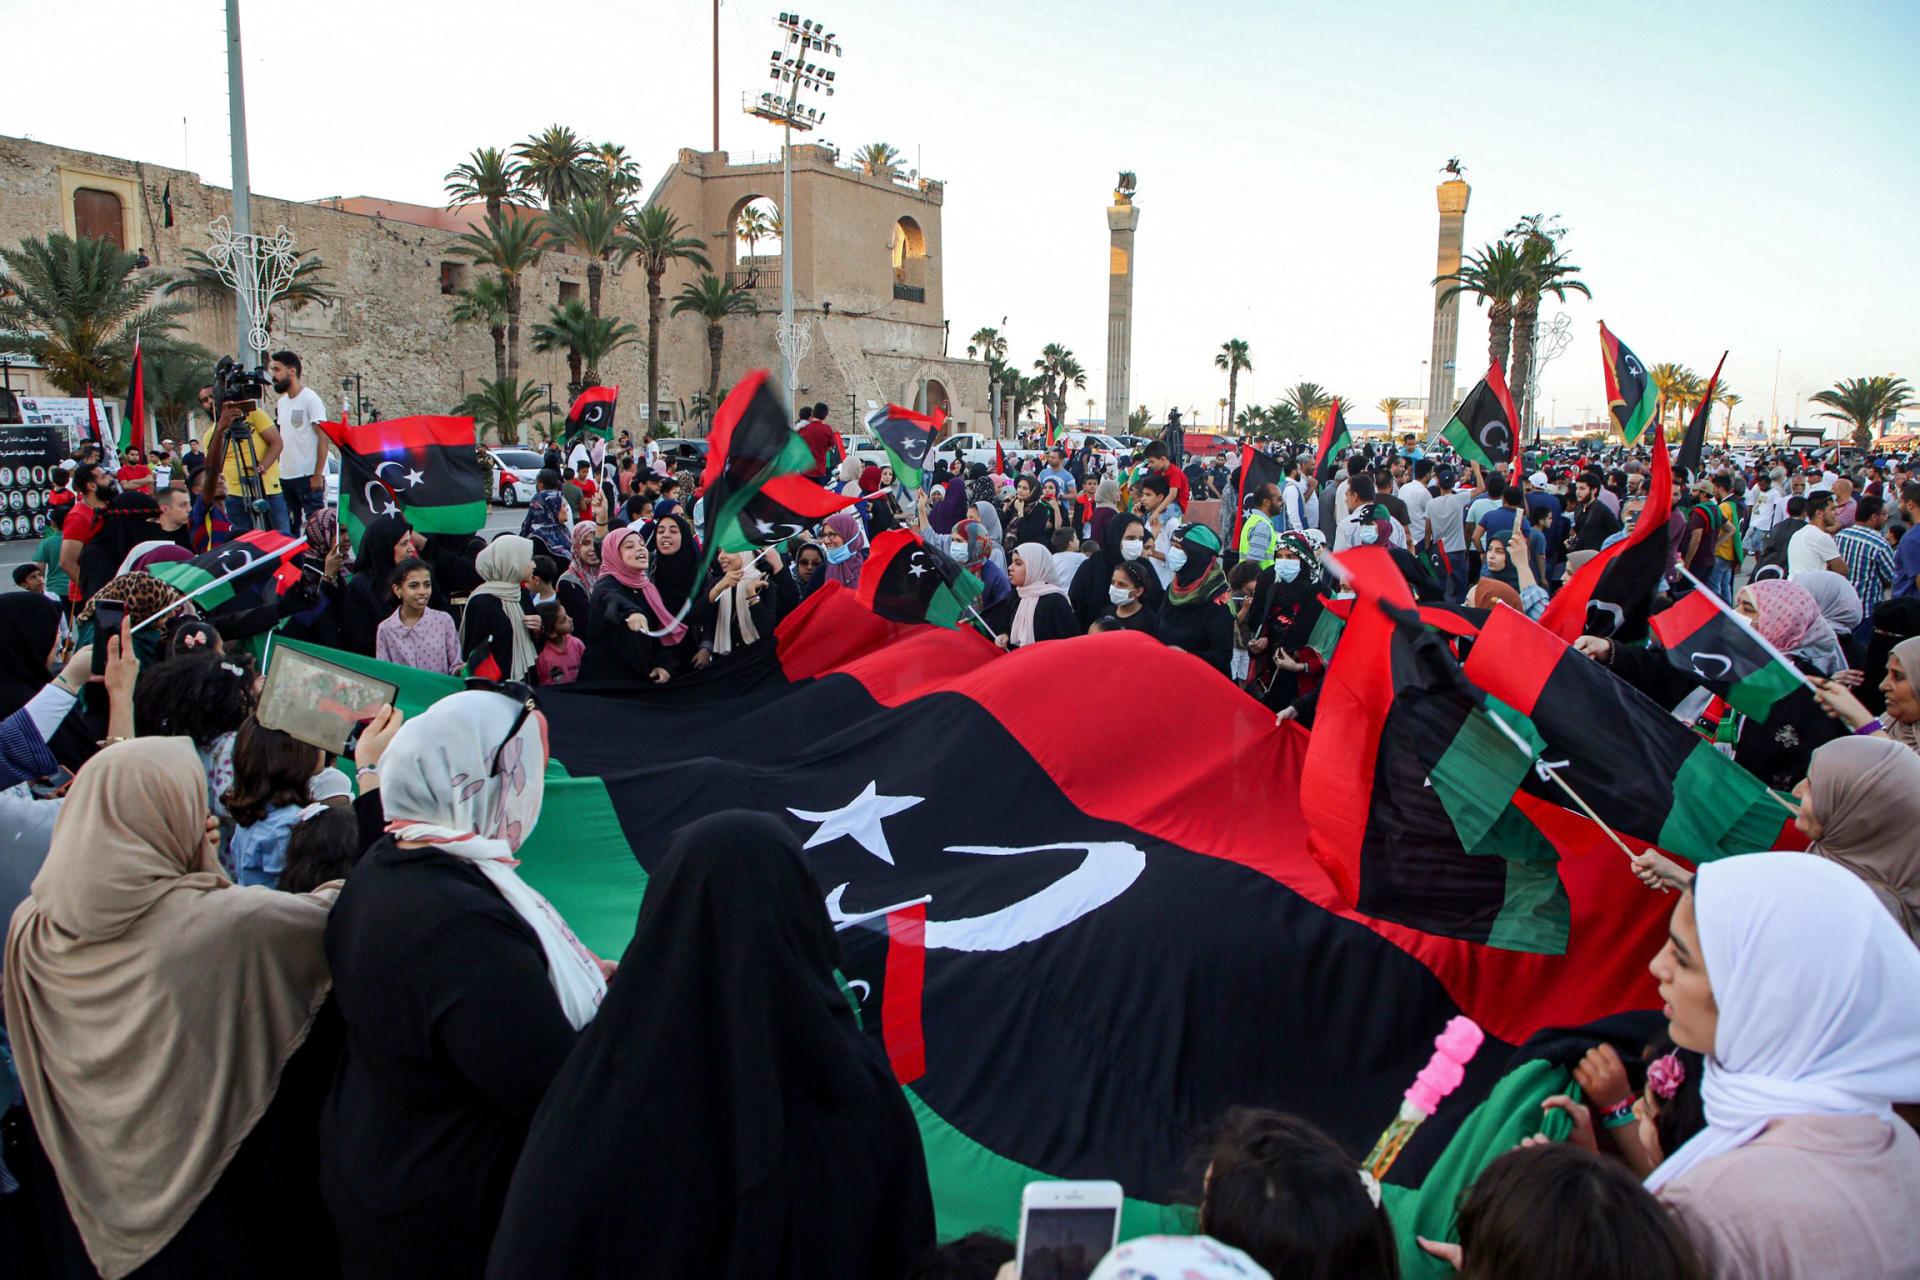 ترحيب عربي ودولي بإعلان وقف إطلاق النار في ليبيا